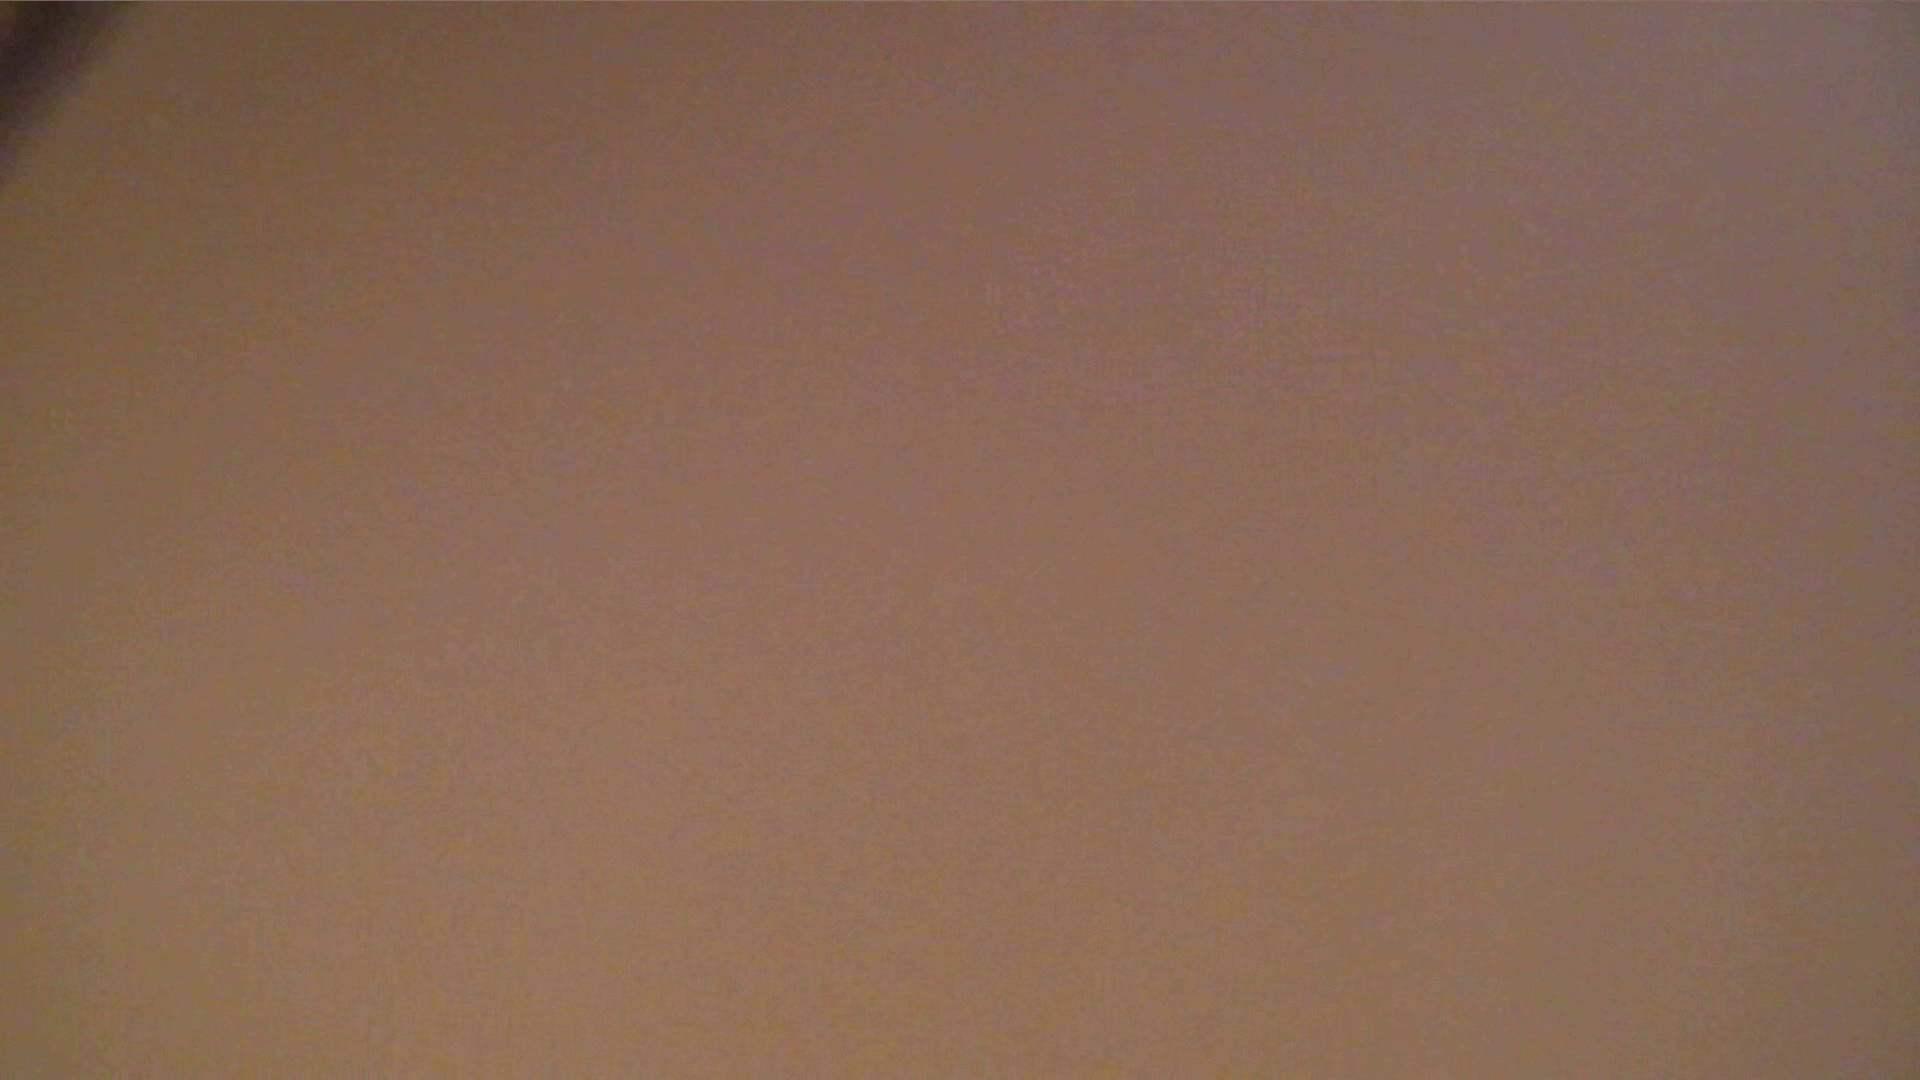 洗寿観音さんの 化粧室は四面楚歌Nol.1 洗面所  86PIX 12